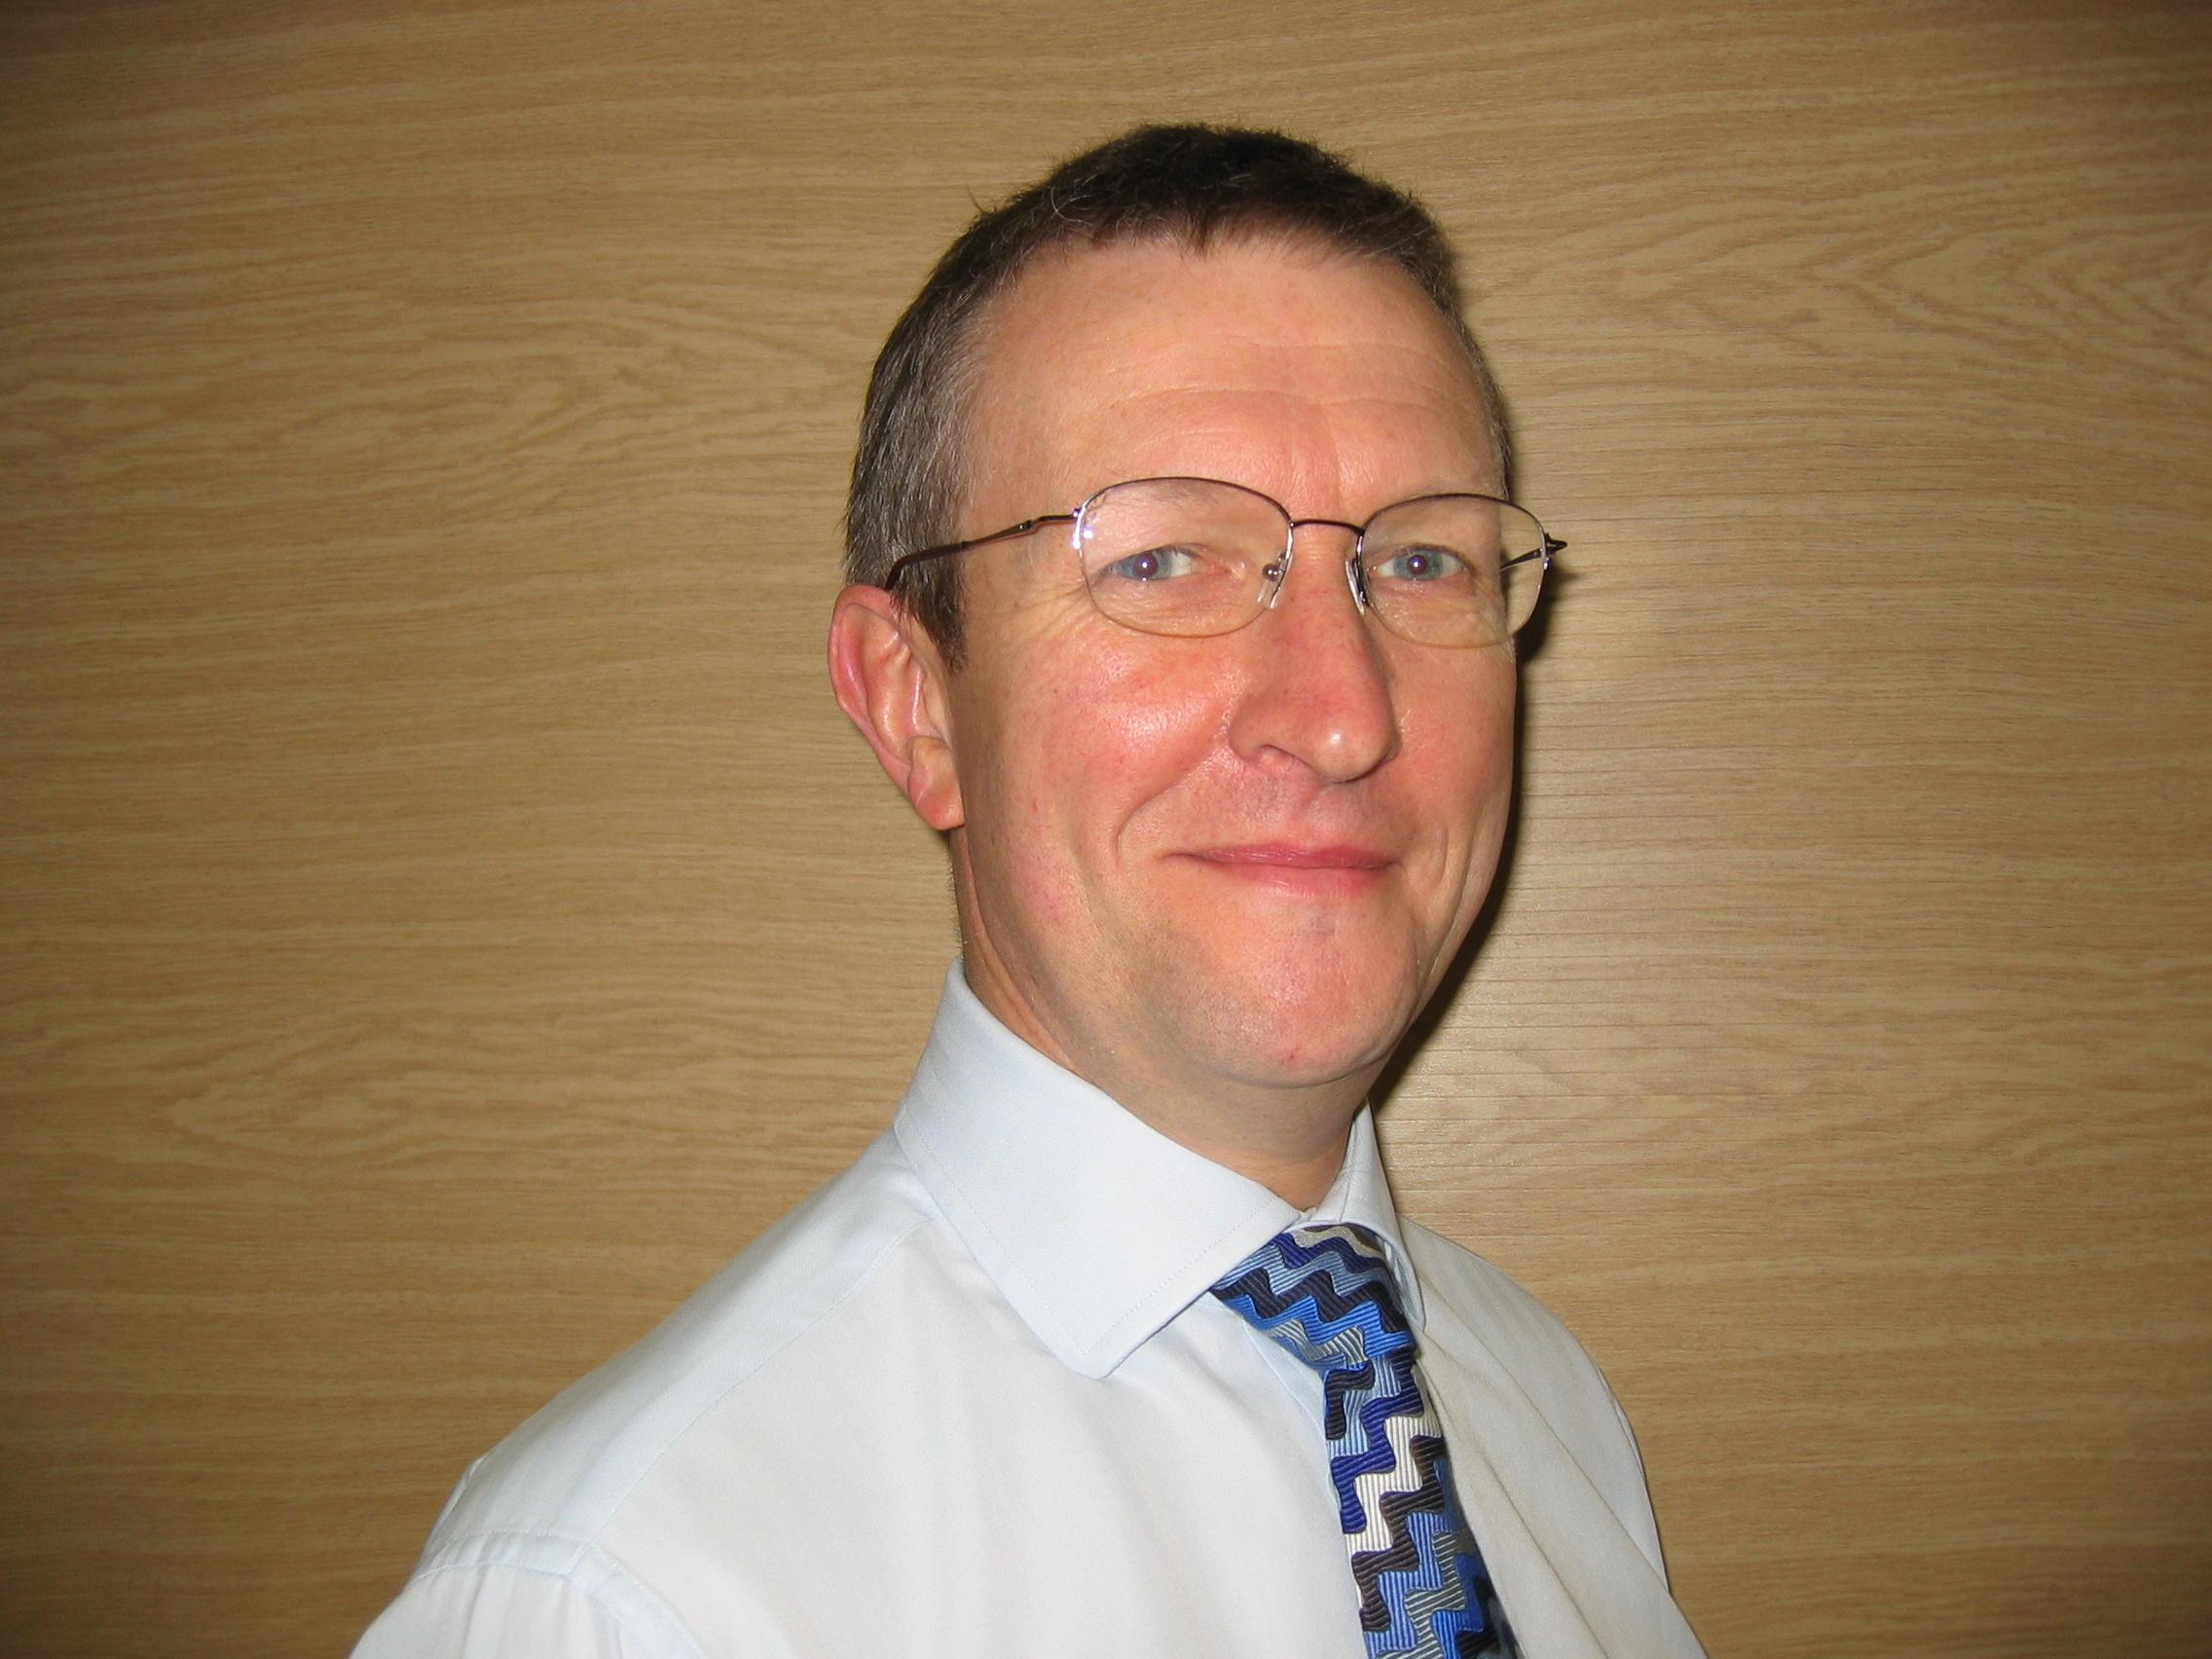 Richard Cullingworth